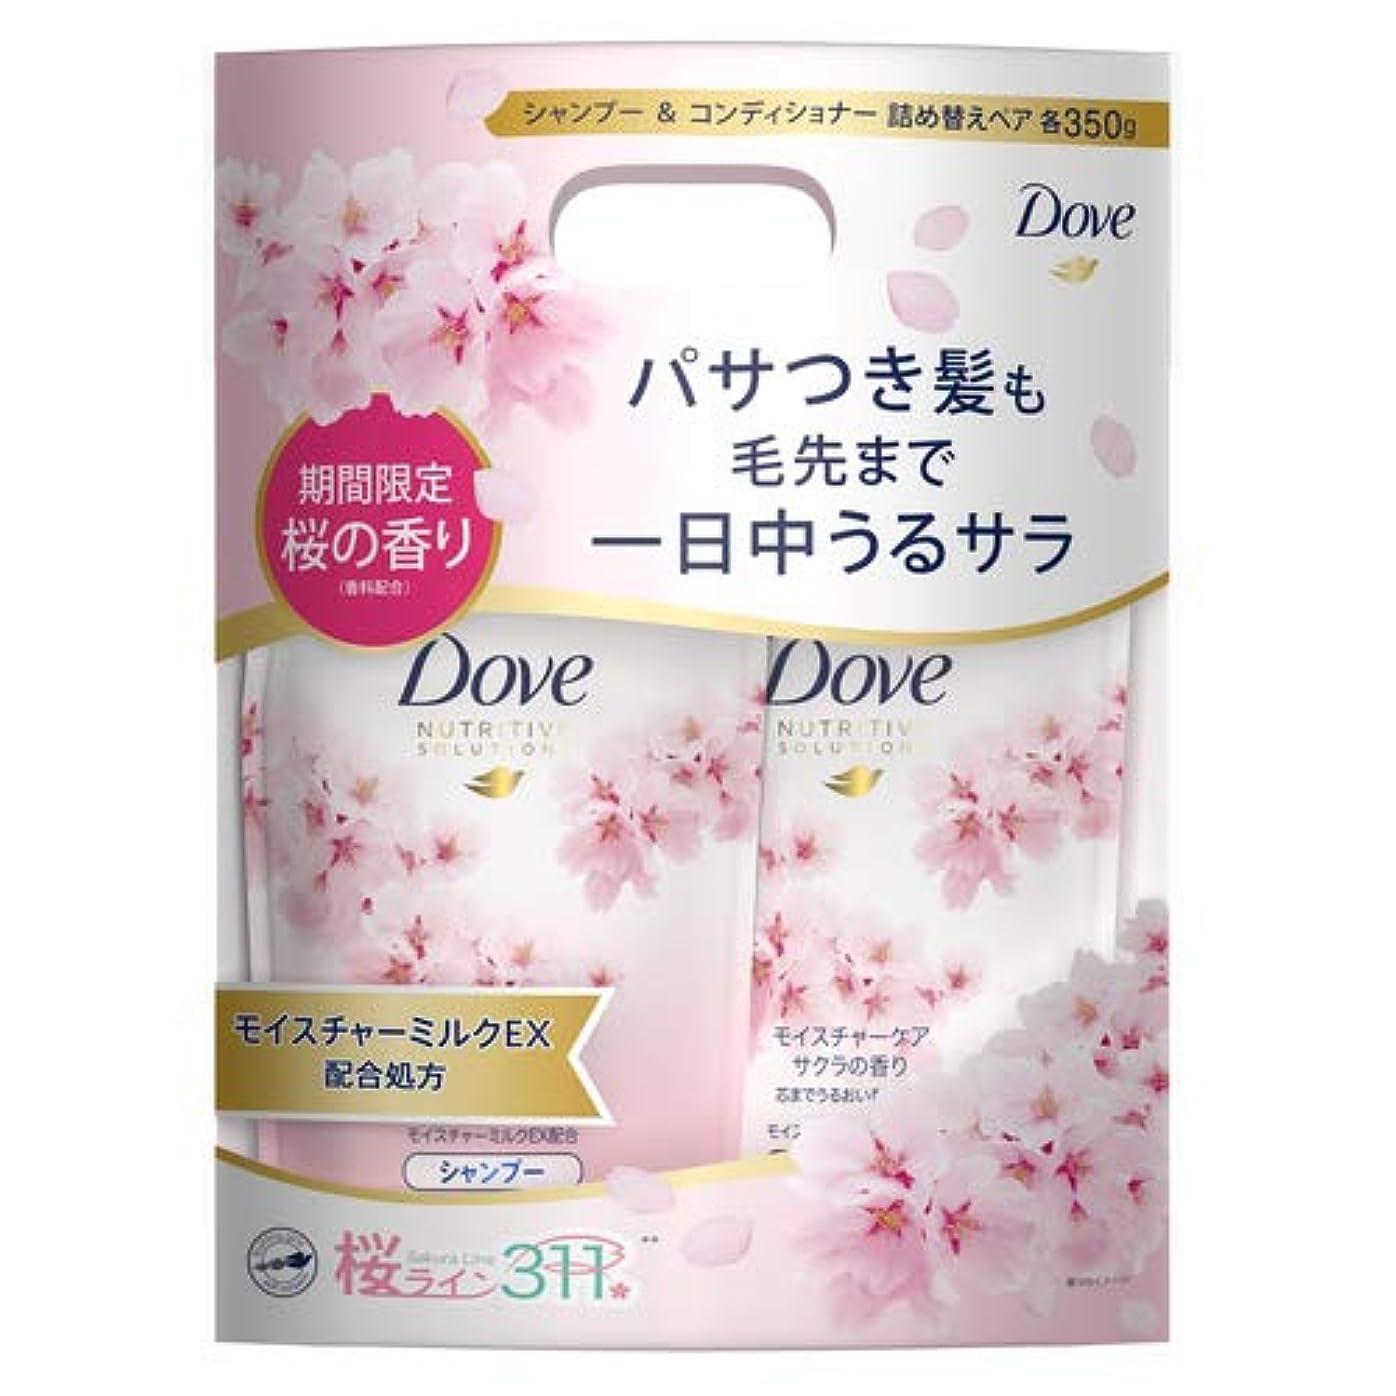 が欲しい広い何故なのDove(ダヴ) ダヴモイスチャー サクラ かえペア ボディソープ 詰替え用 350g+350g